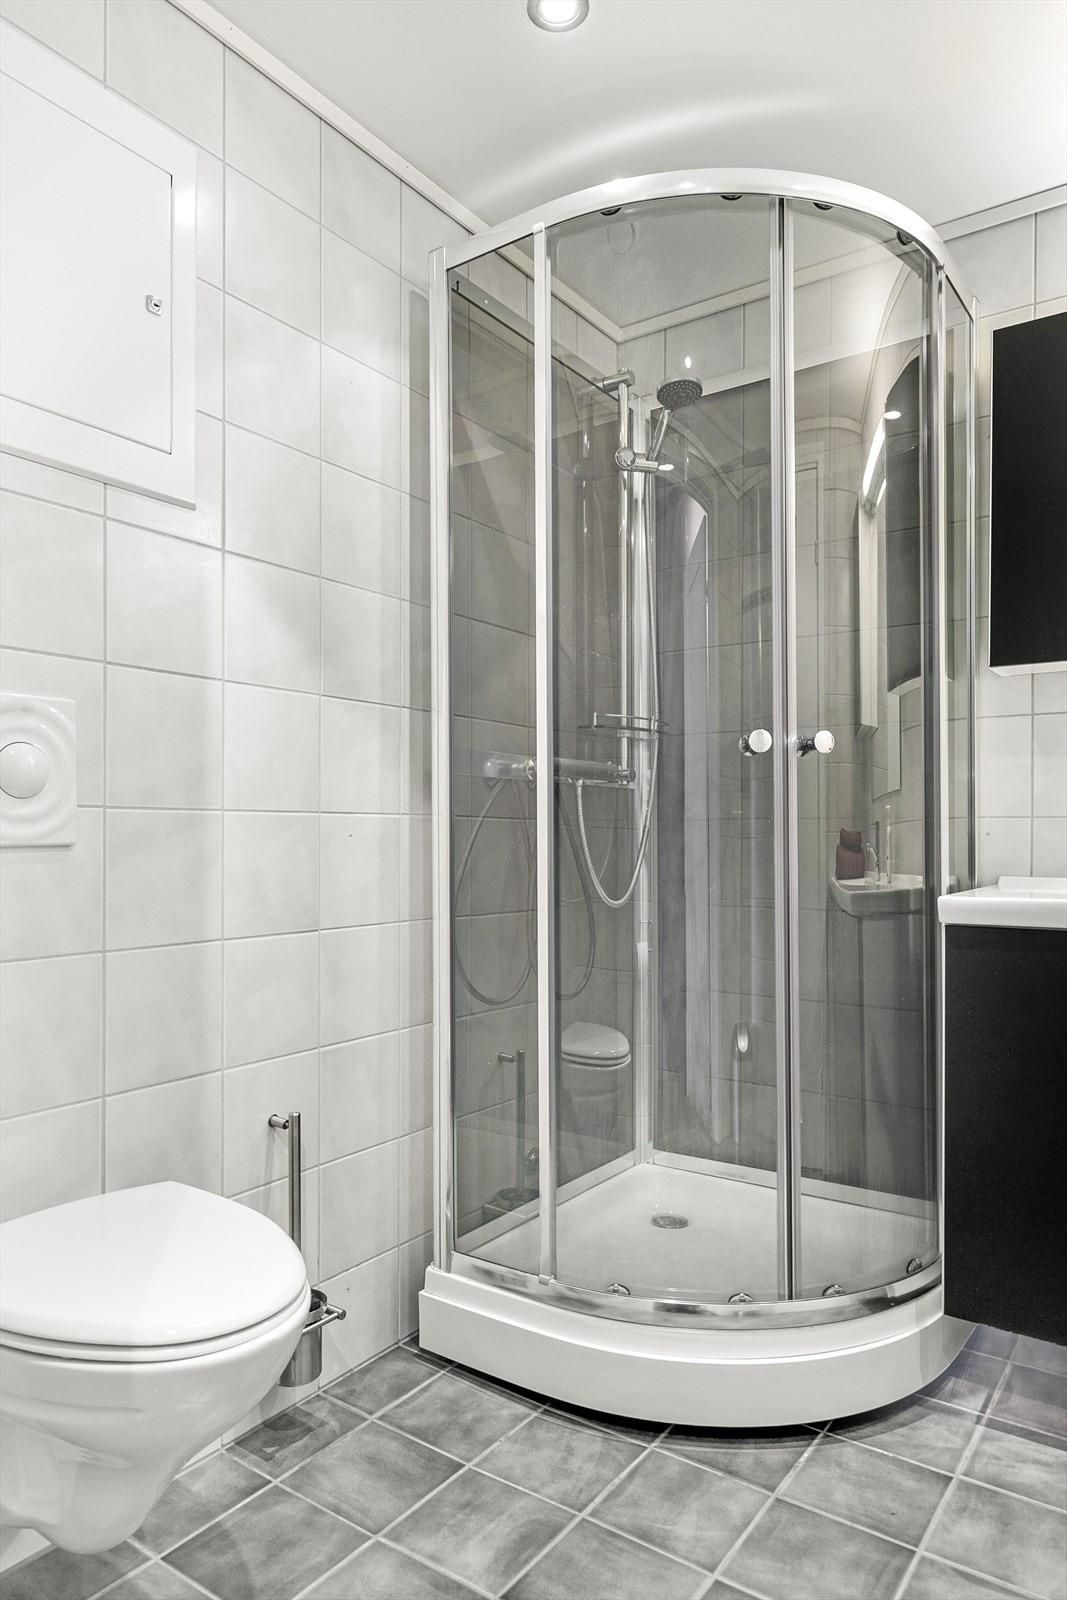 Vegghengt toalett og dusjkabinett på badet.